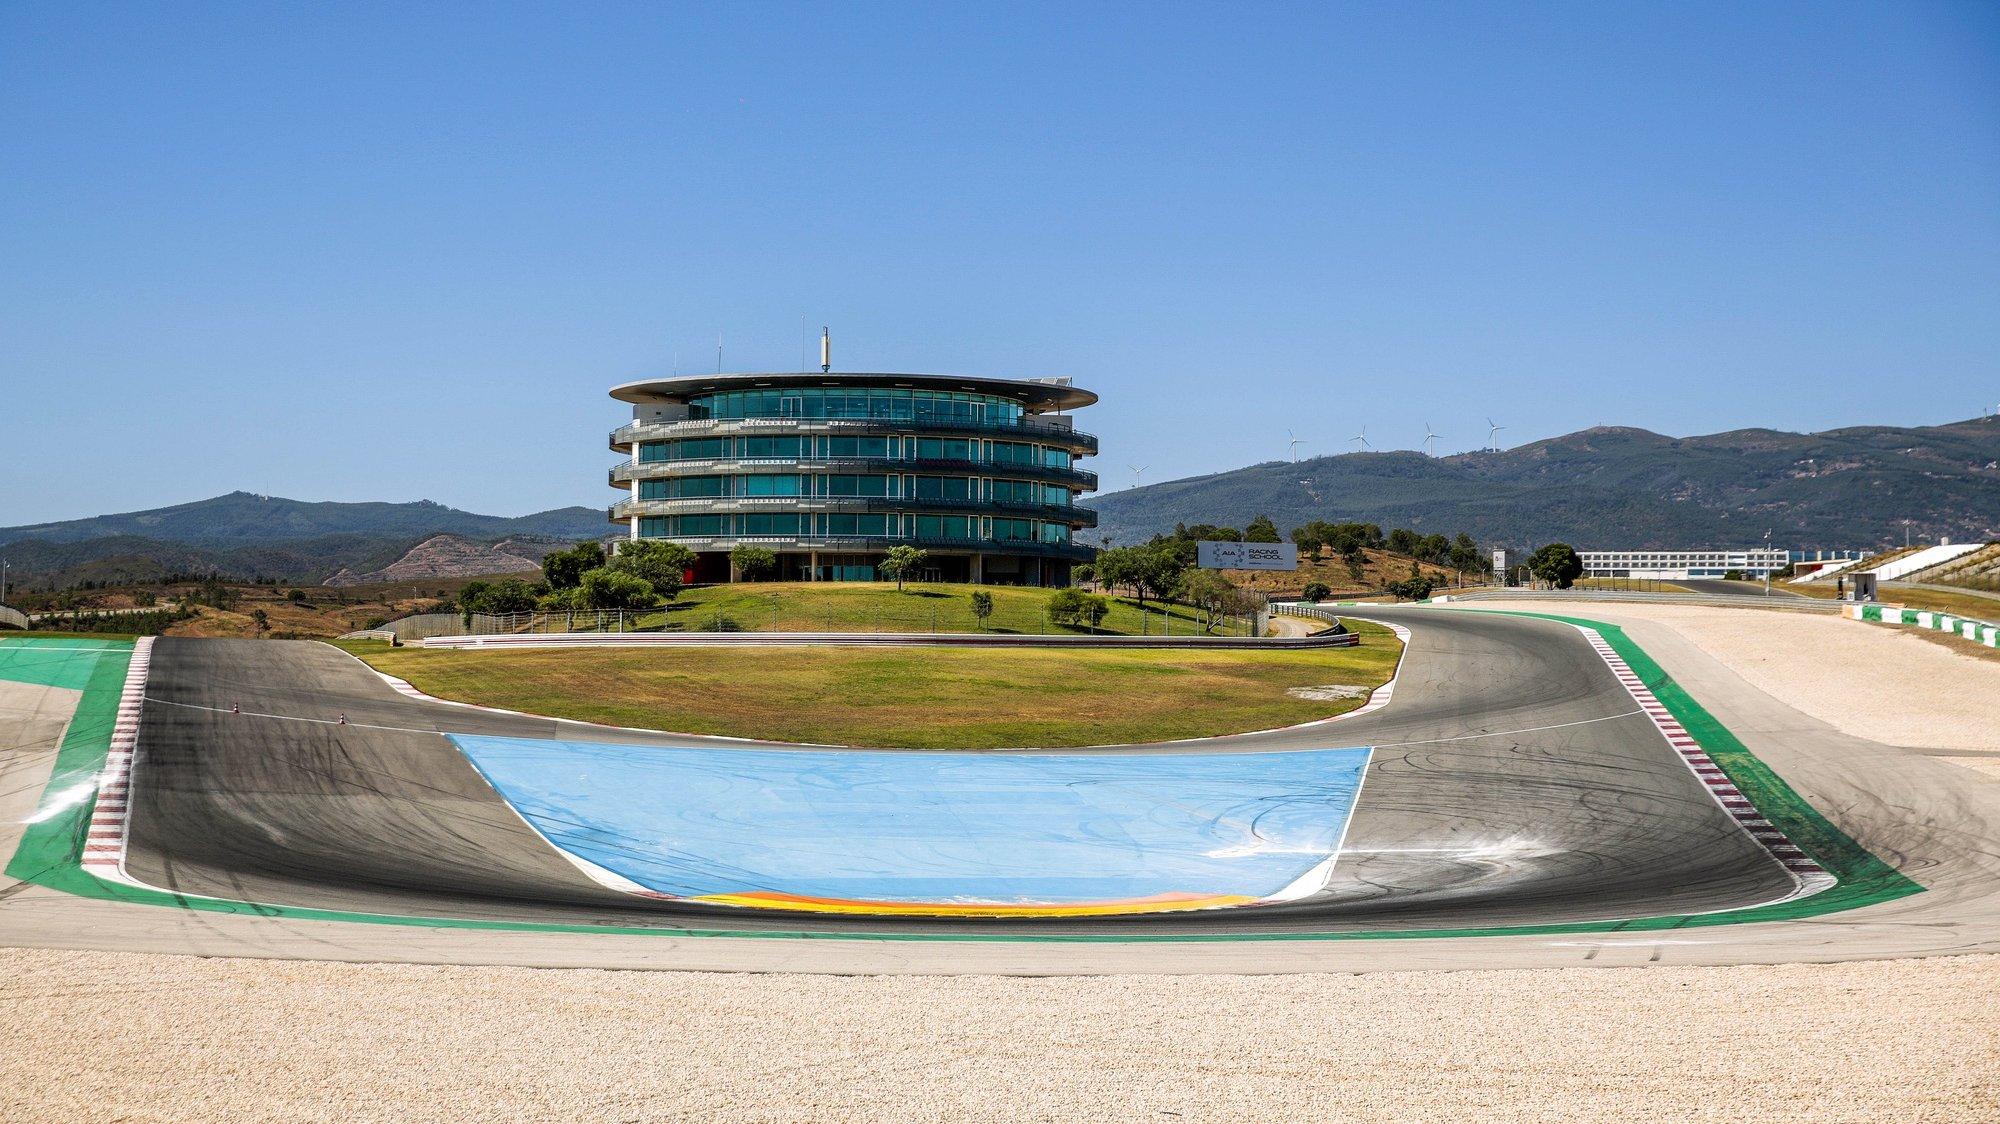 Vista da pista do Autódromo Internacional do Algarve (AIA), em Portimão, 24 de julho 2020. FILIPE FARINHA / LUSA